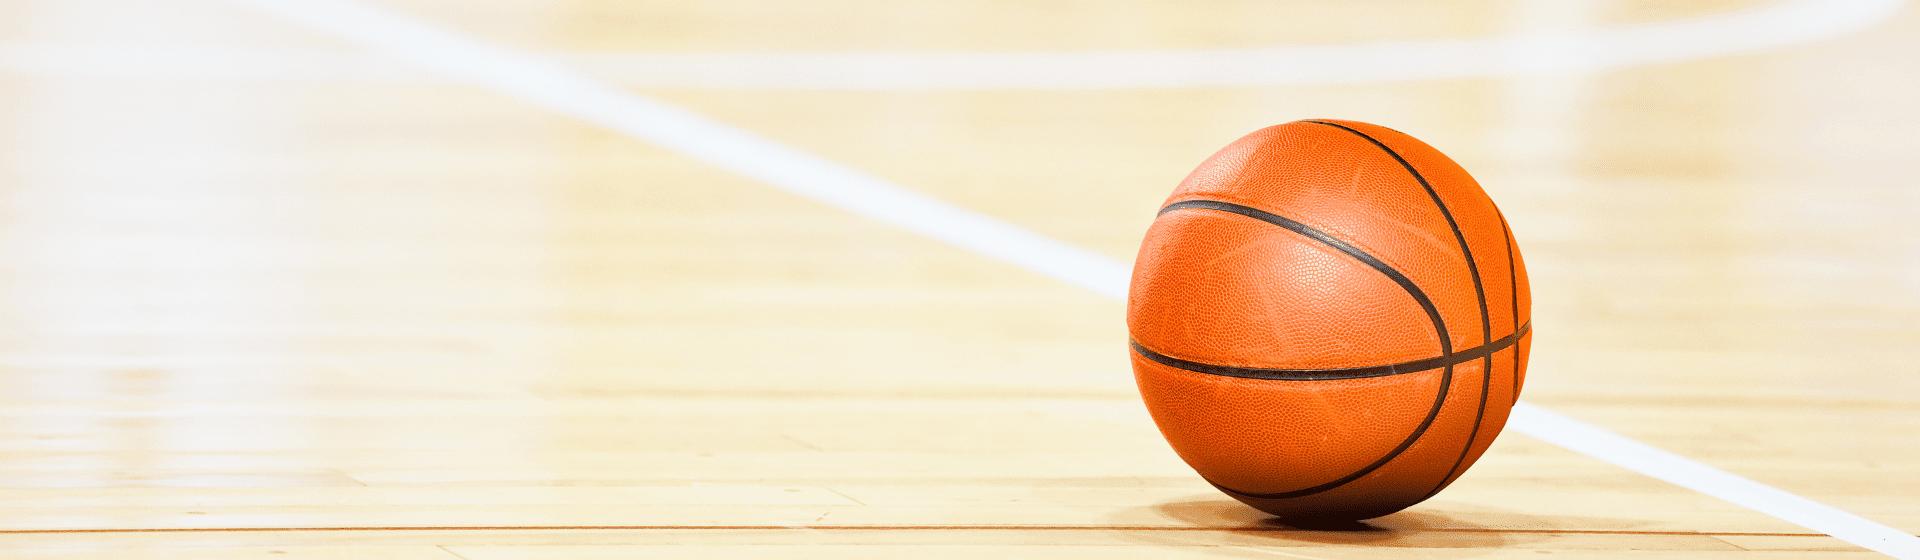 Melhores bolas de basquete de 2020: 5 modelos para comprar